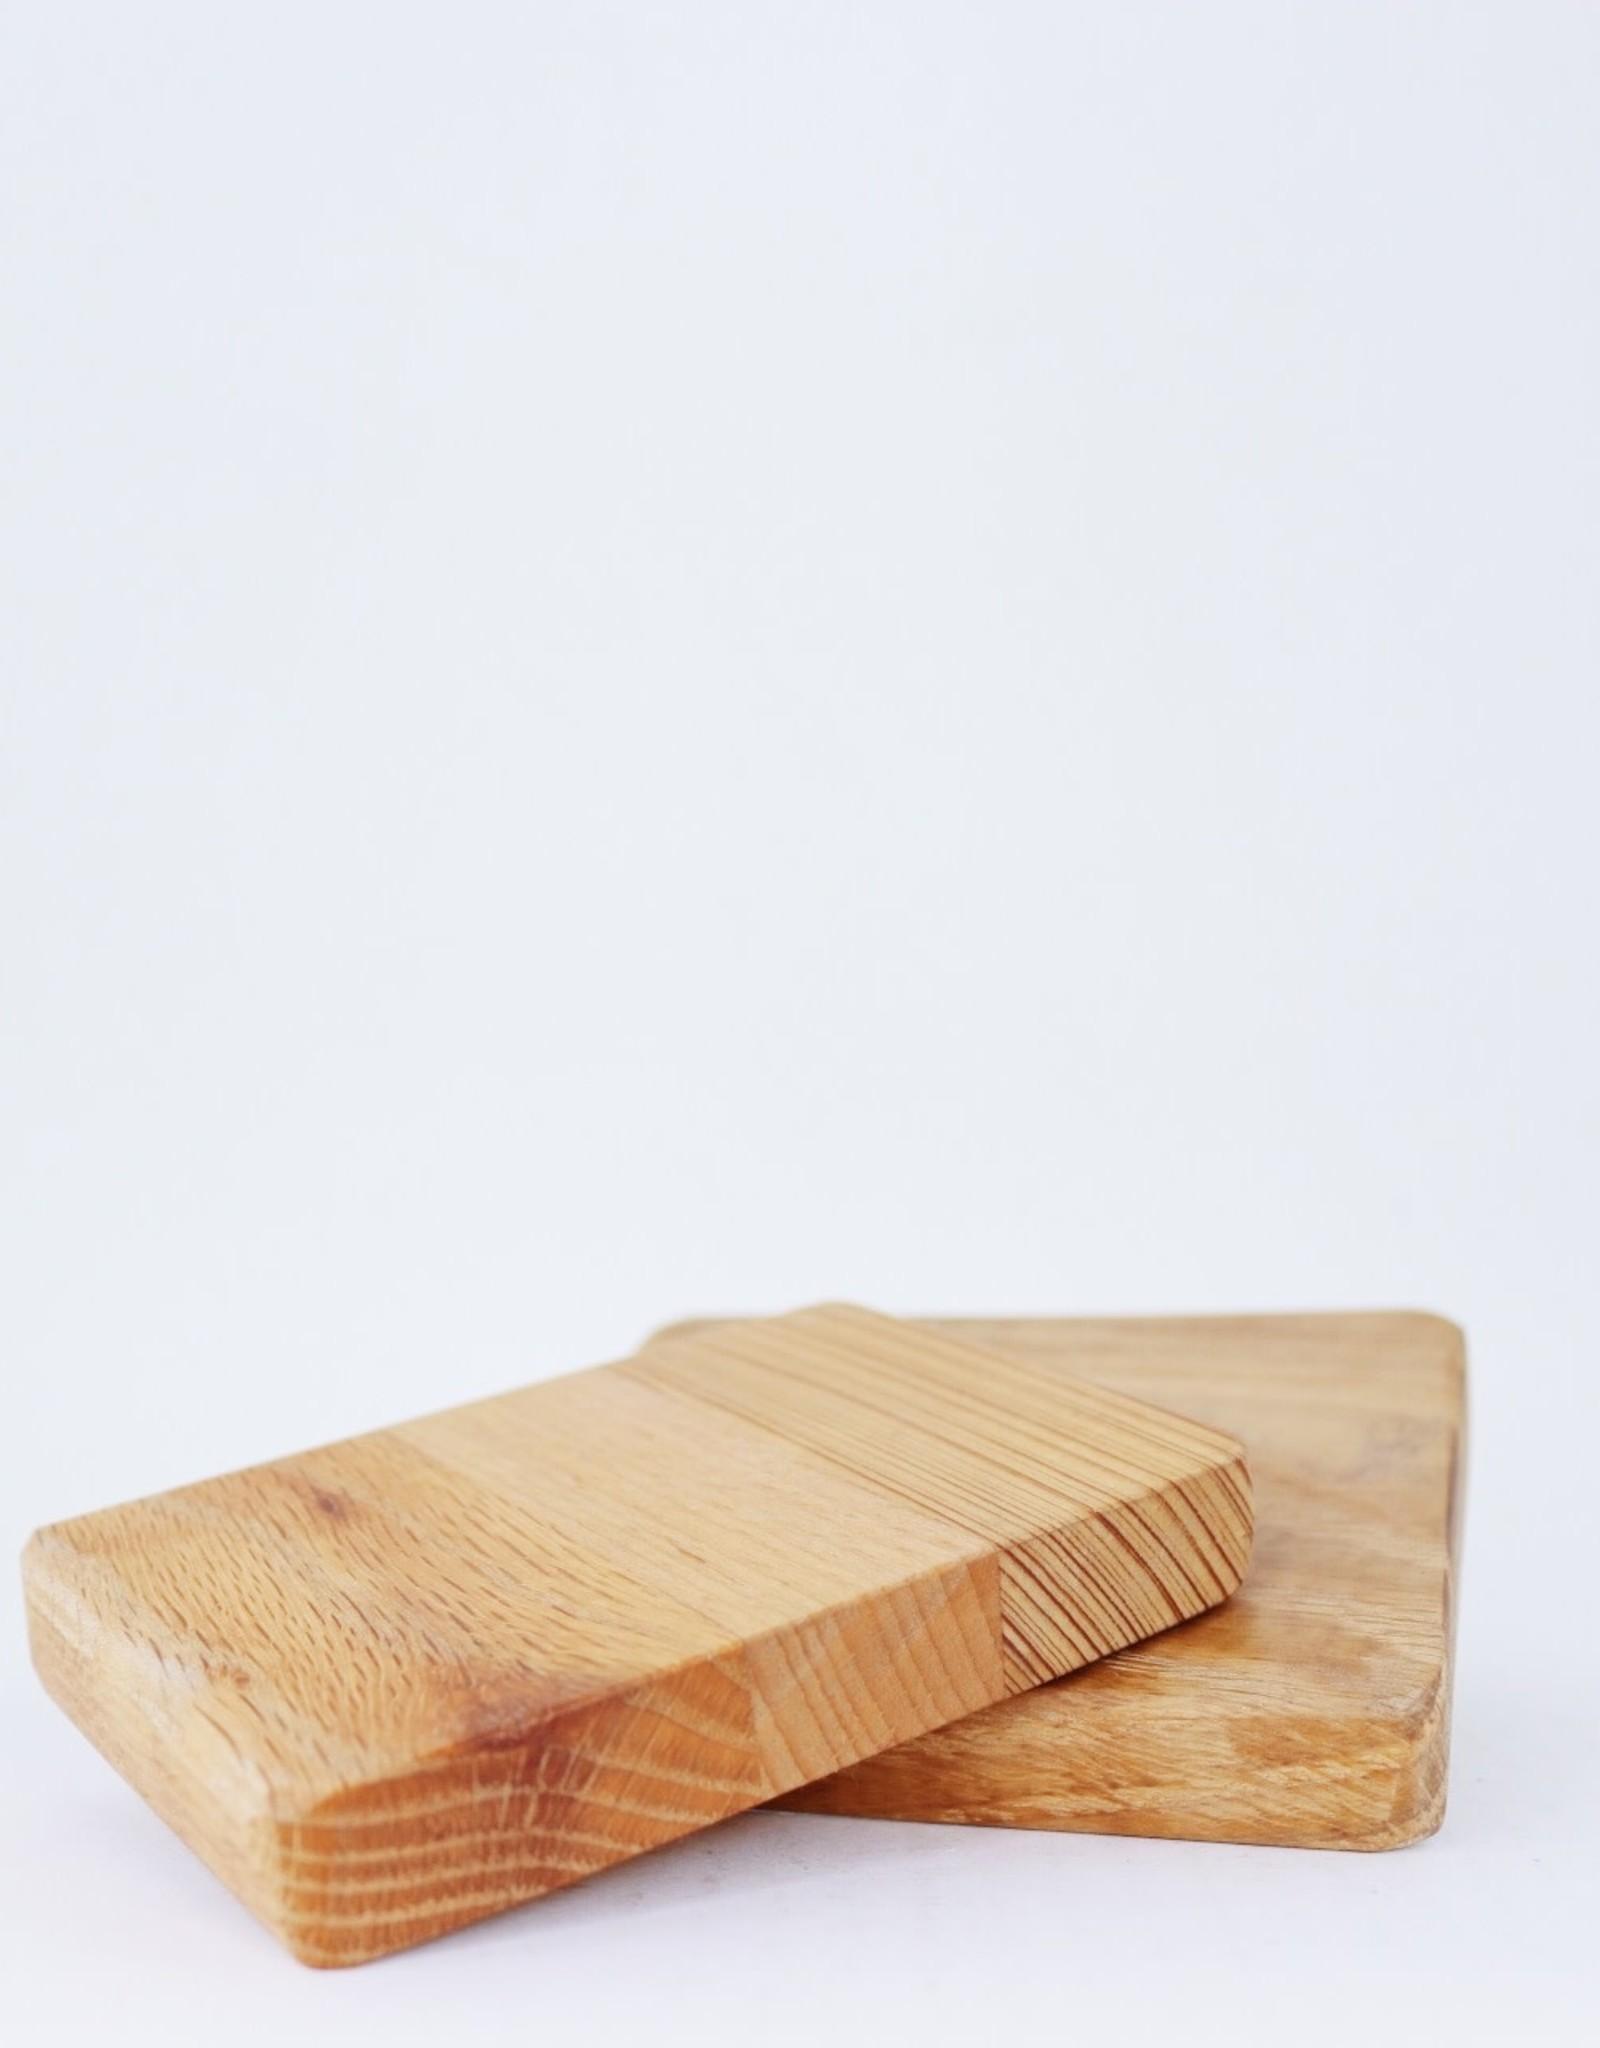 Tiny Cutting Board